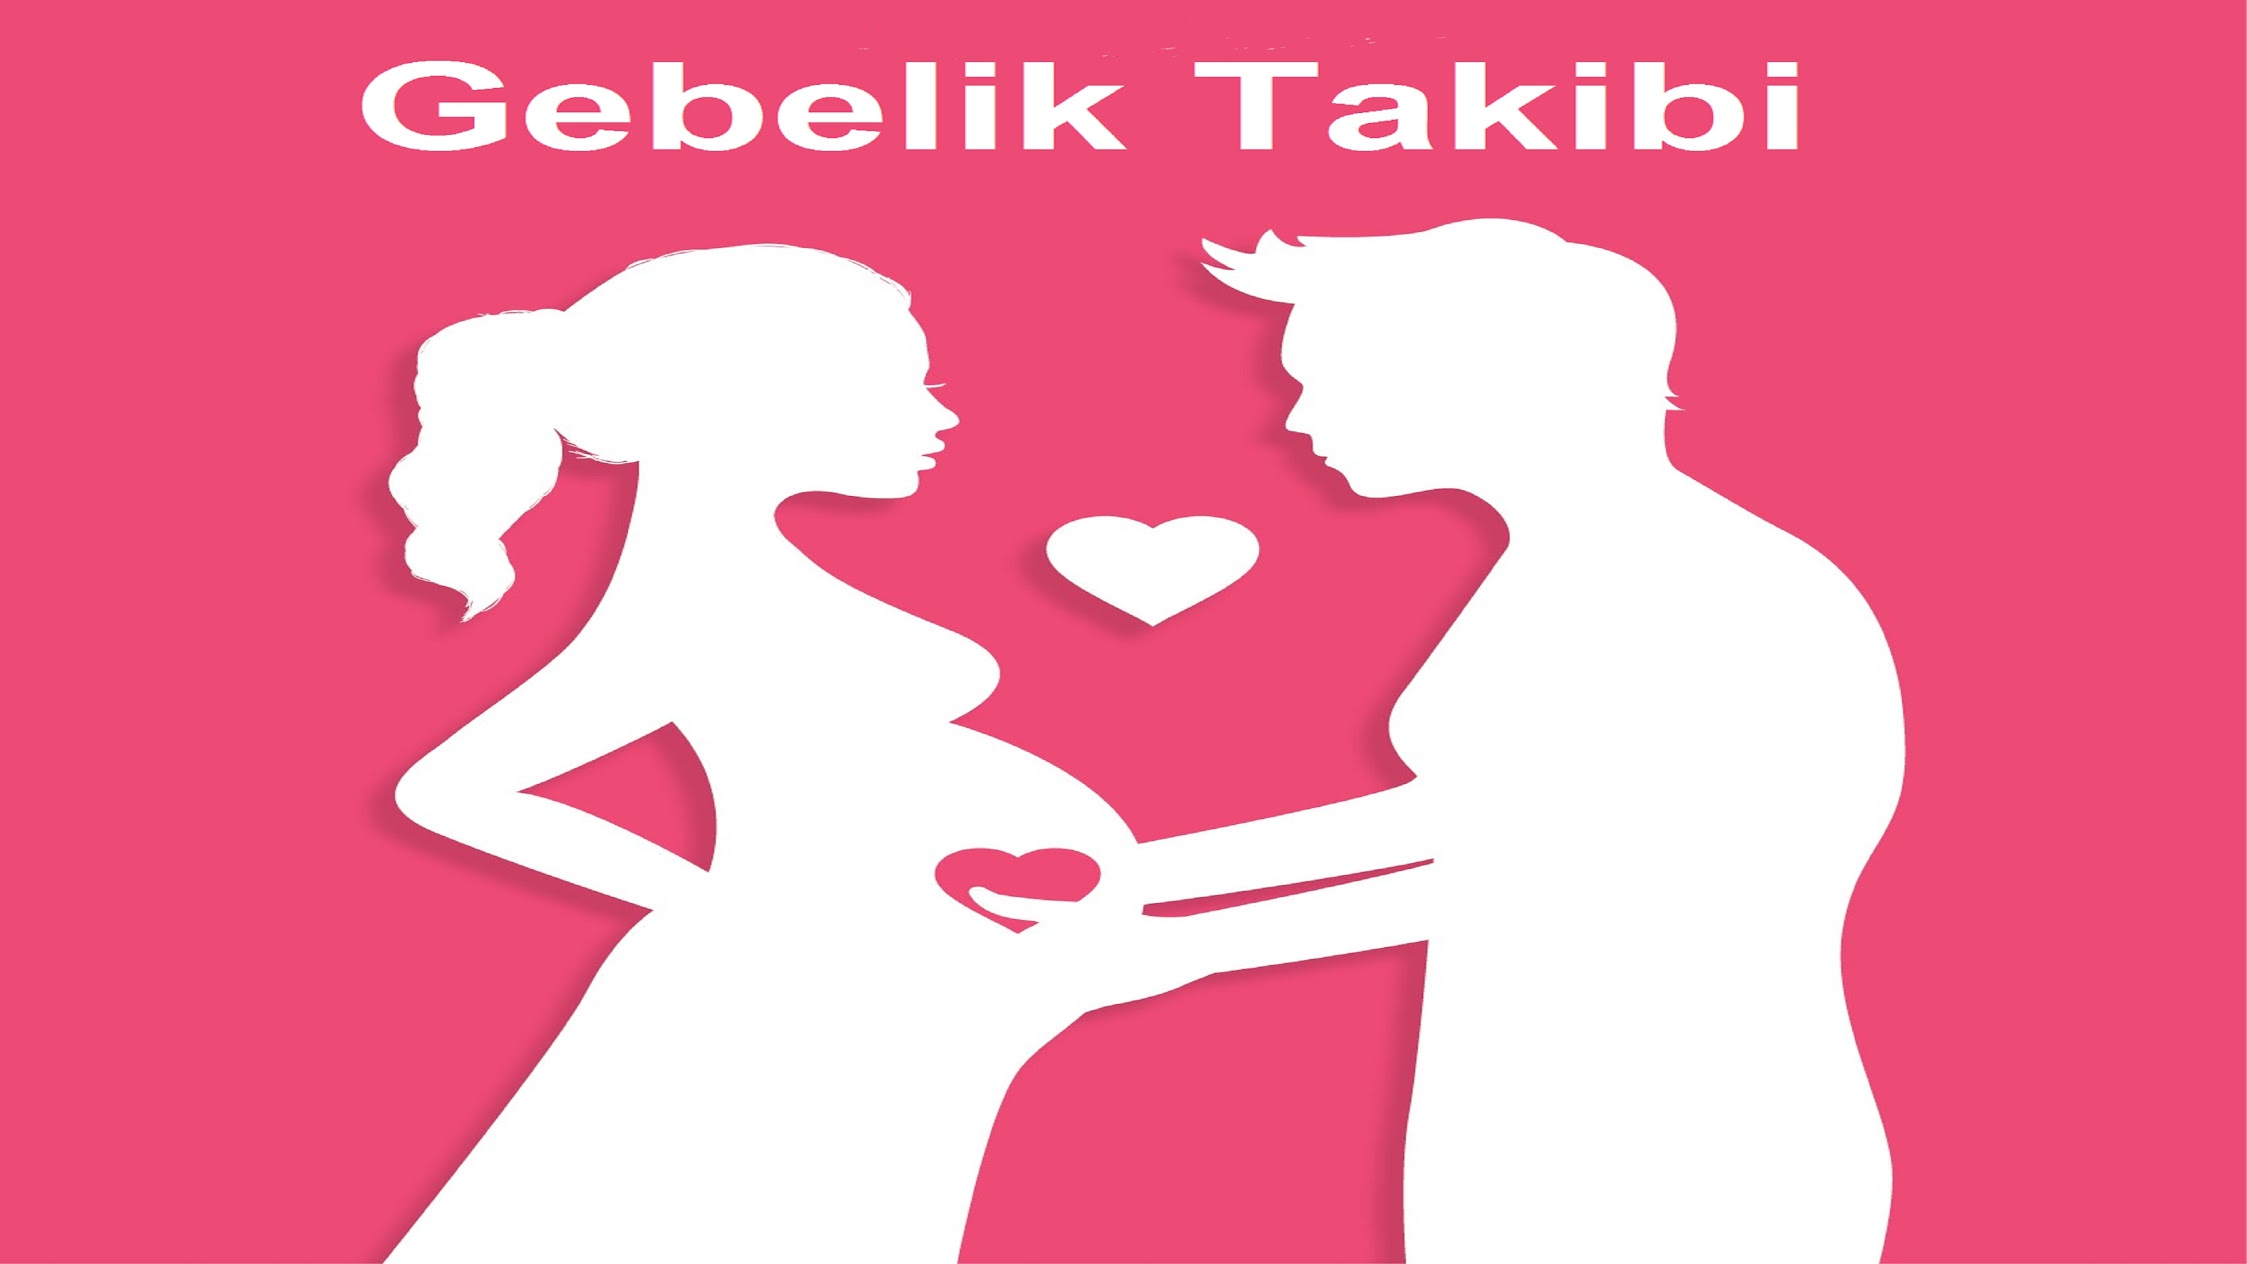 AnneBebekApps